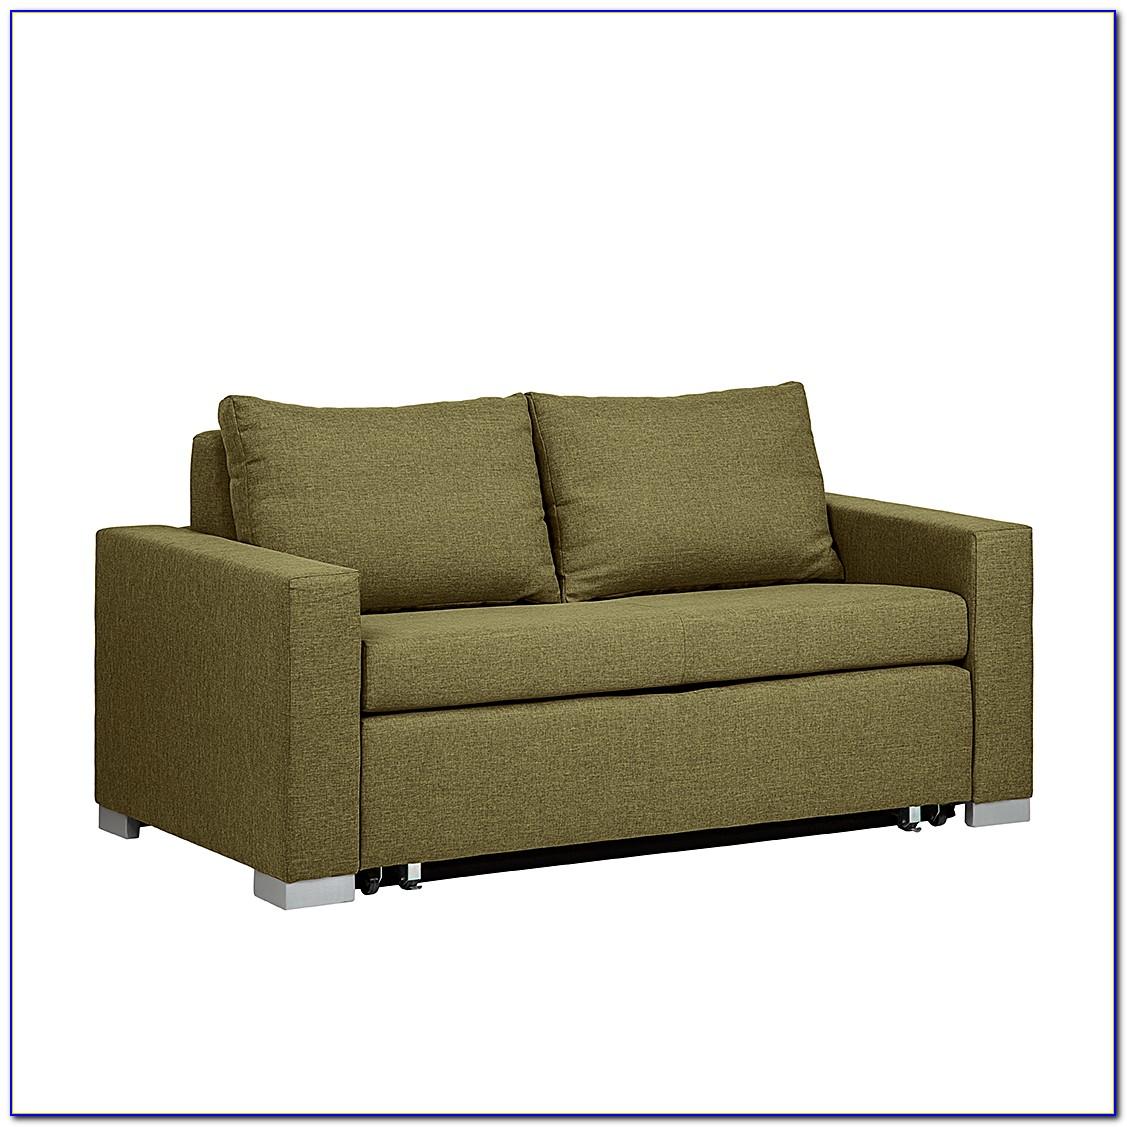 Möbel Liefern Lassen Von Ikea